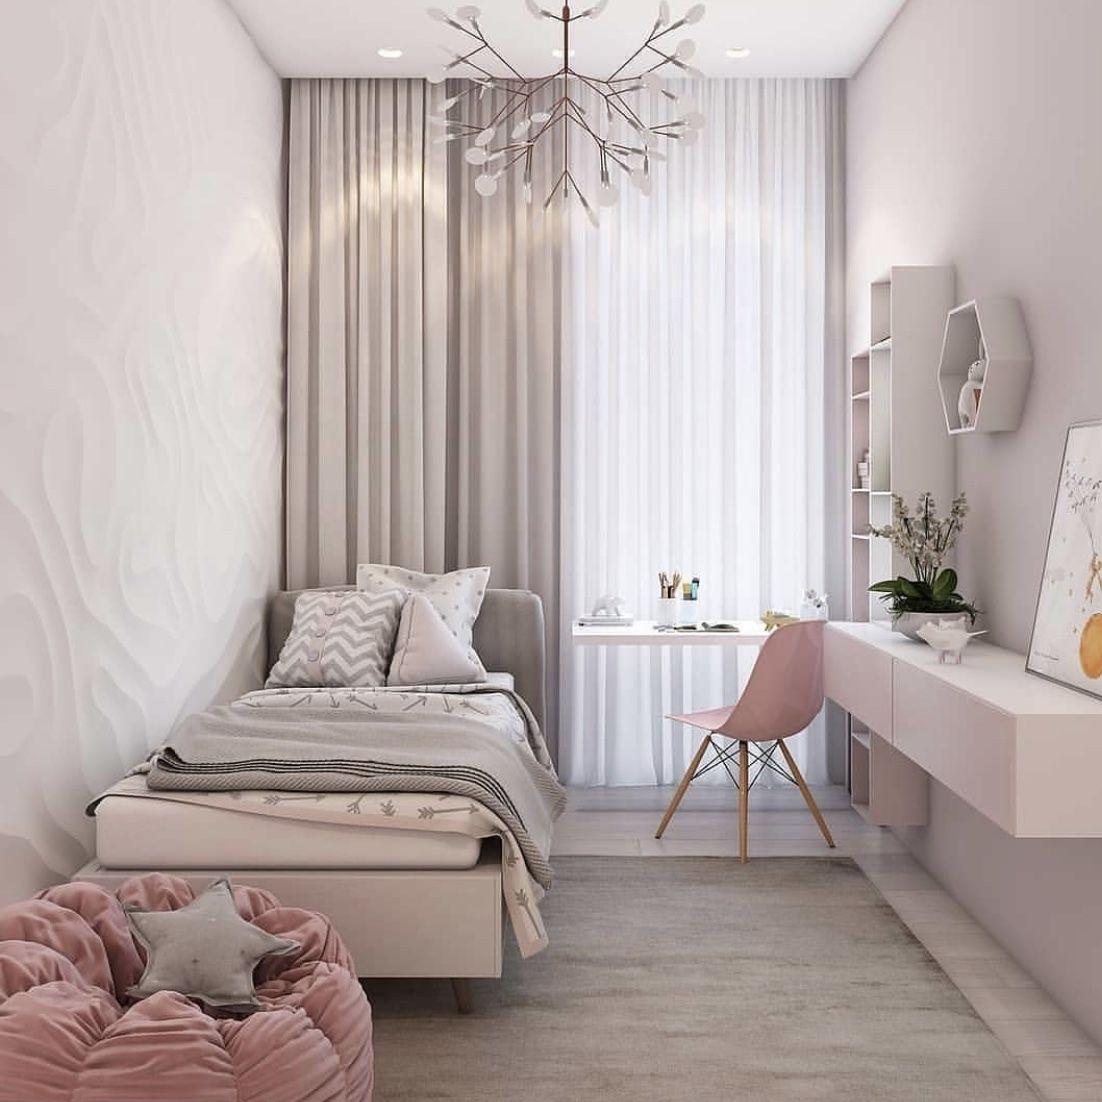 Small single bedroom interior design